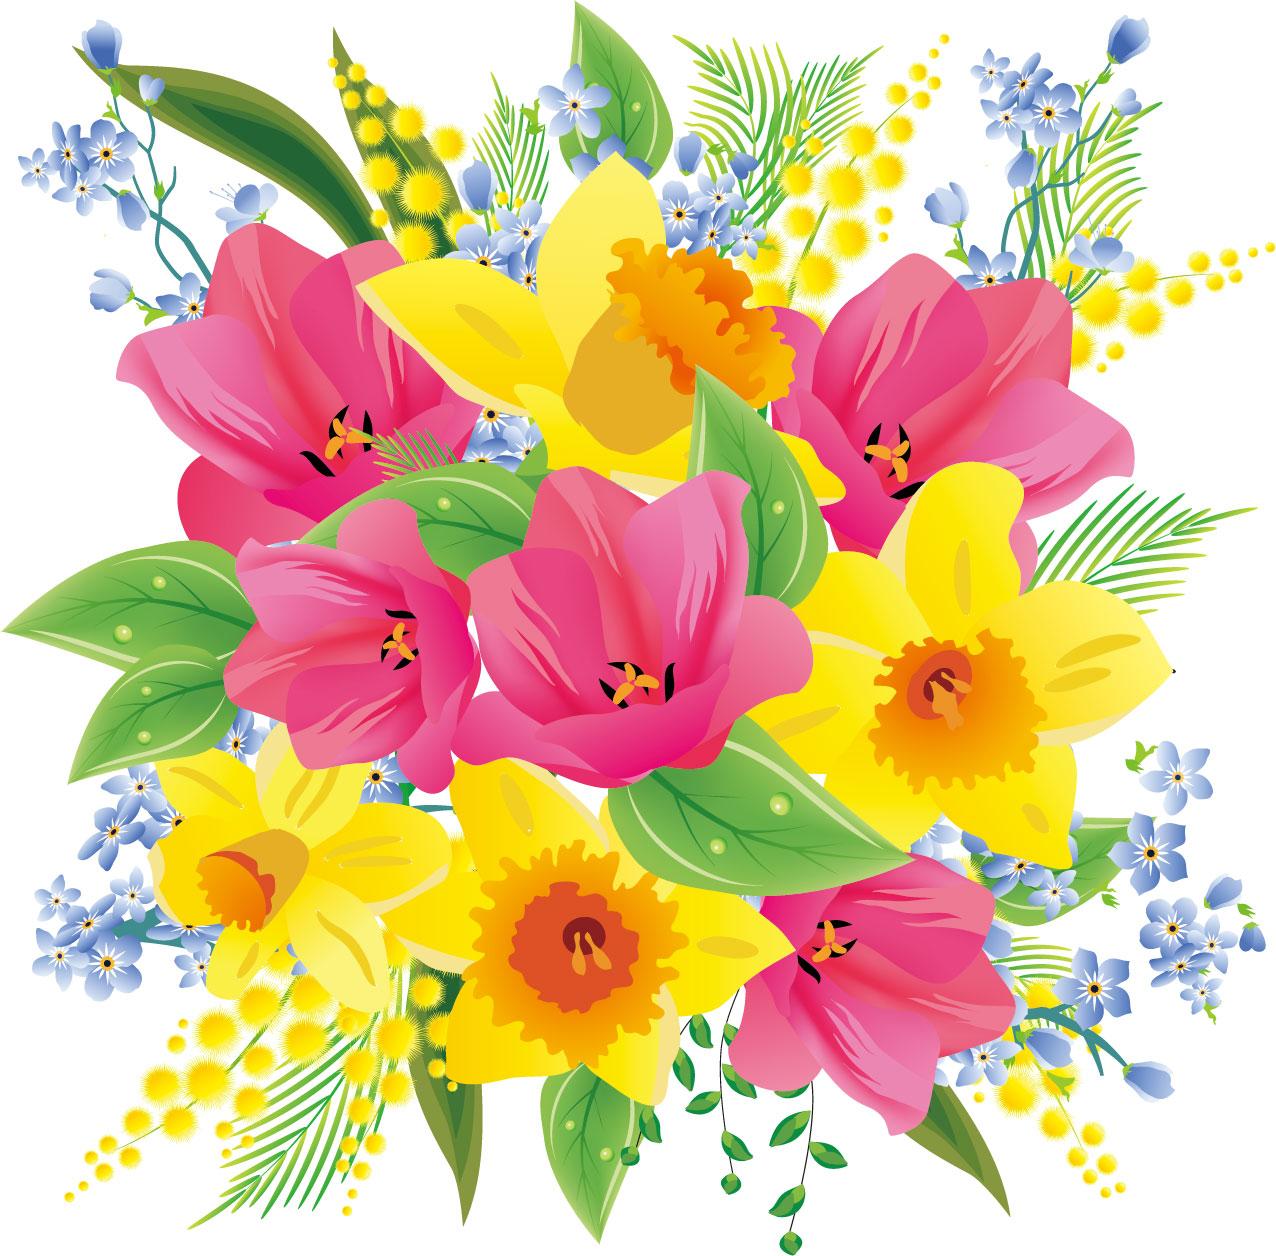 花のイラスト・フリー素材/花束no.065『ピンク・黄色の水仙』